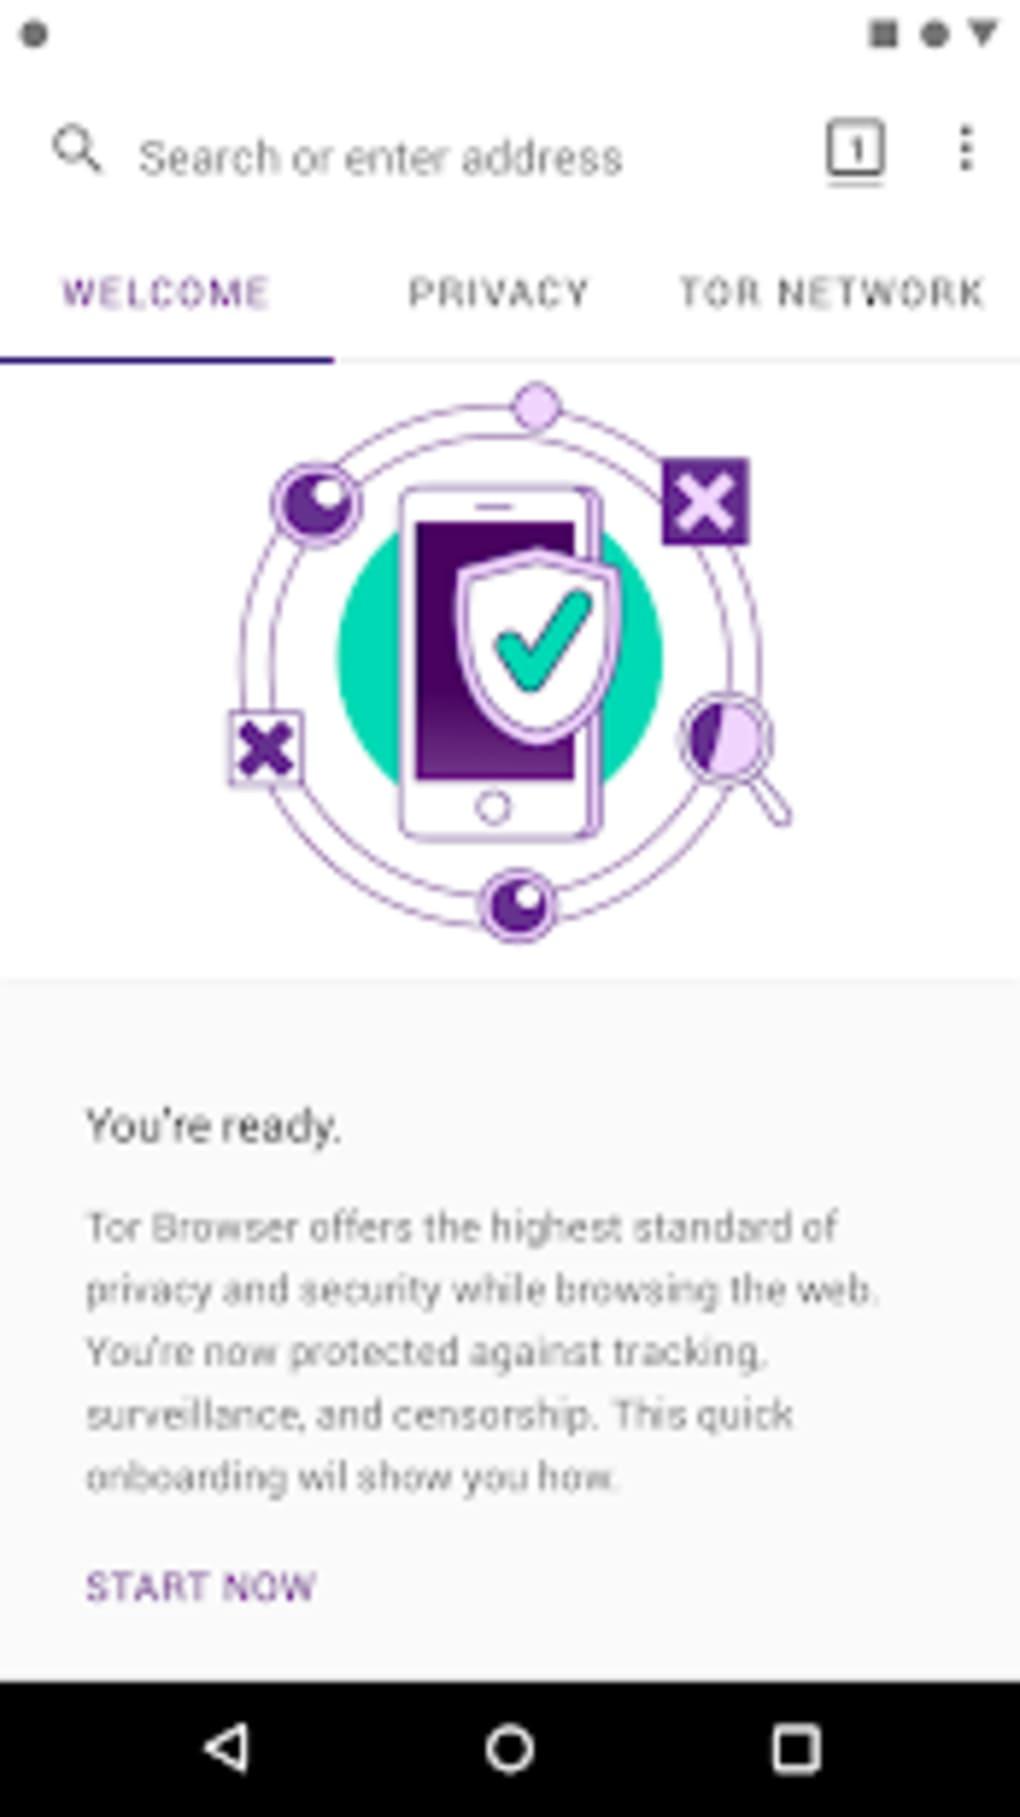 скачать tor browser 4 на русском бесплатно hydra2web